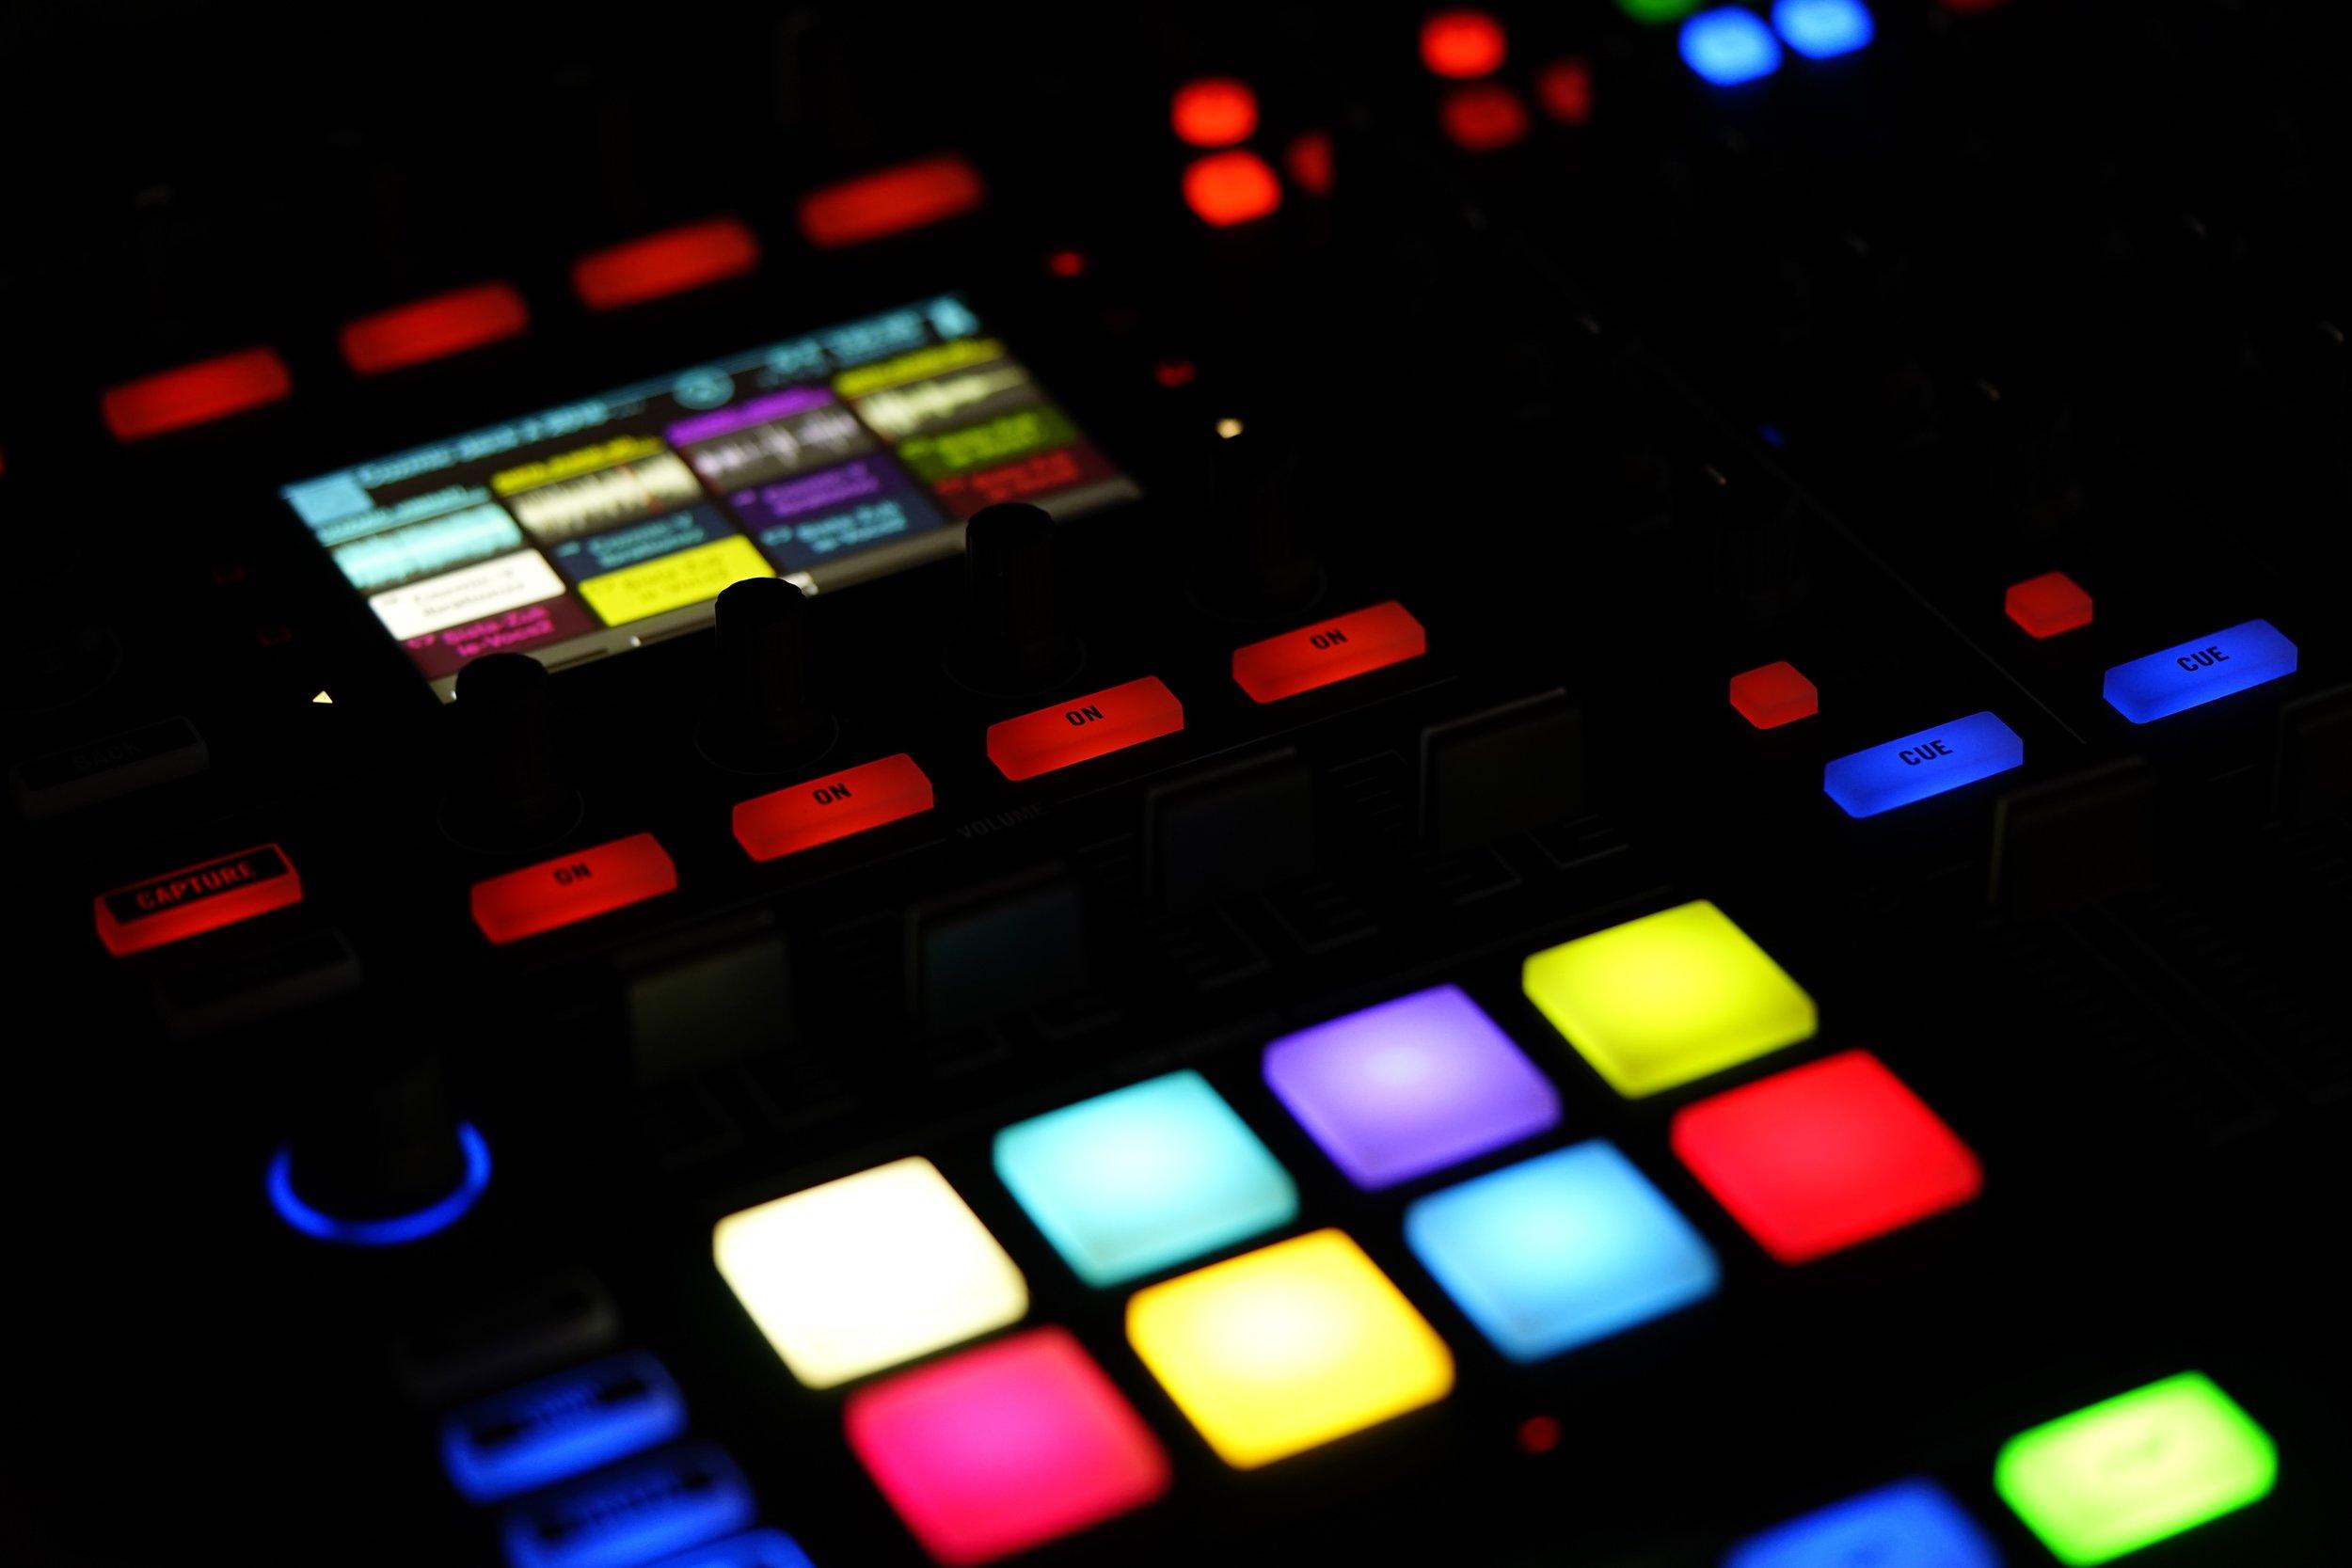 blur-bright-buttons-221558.jpg